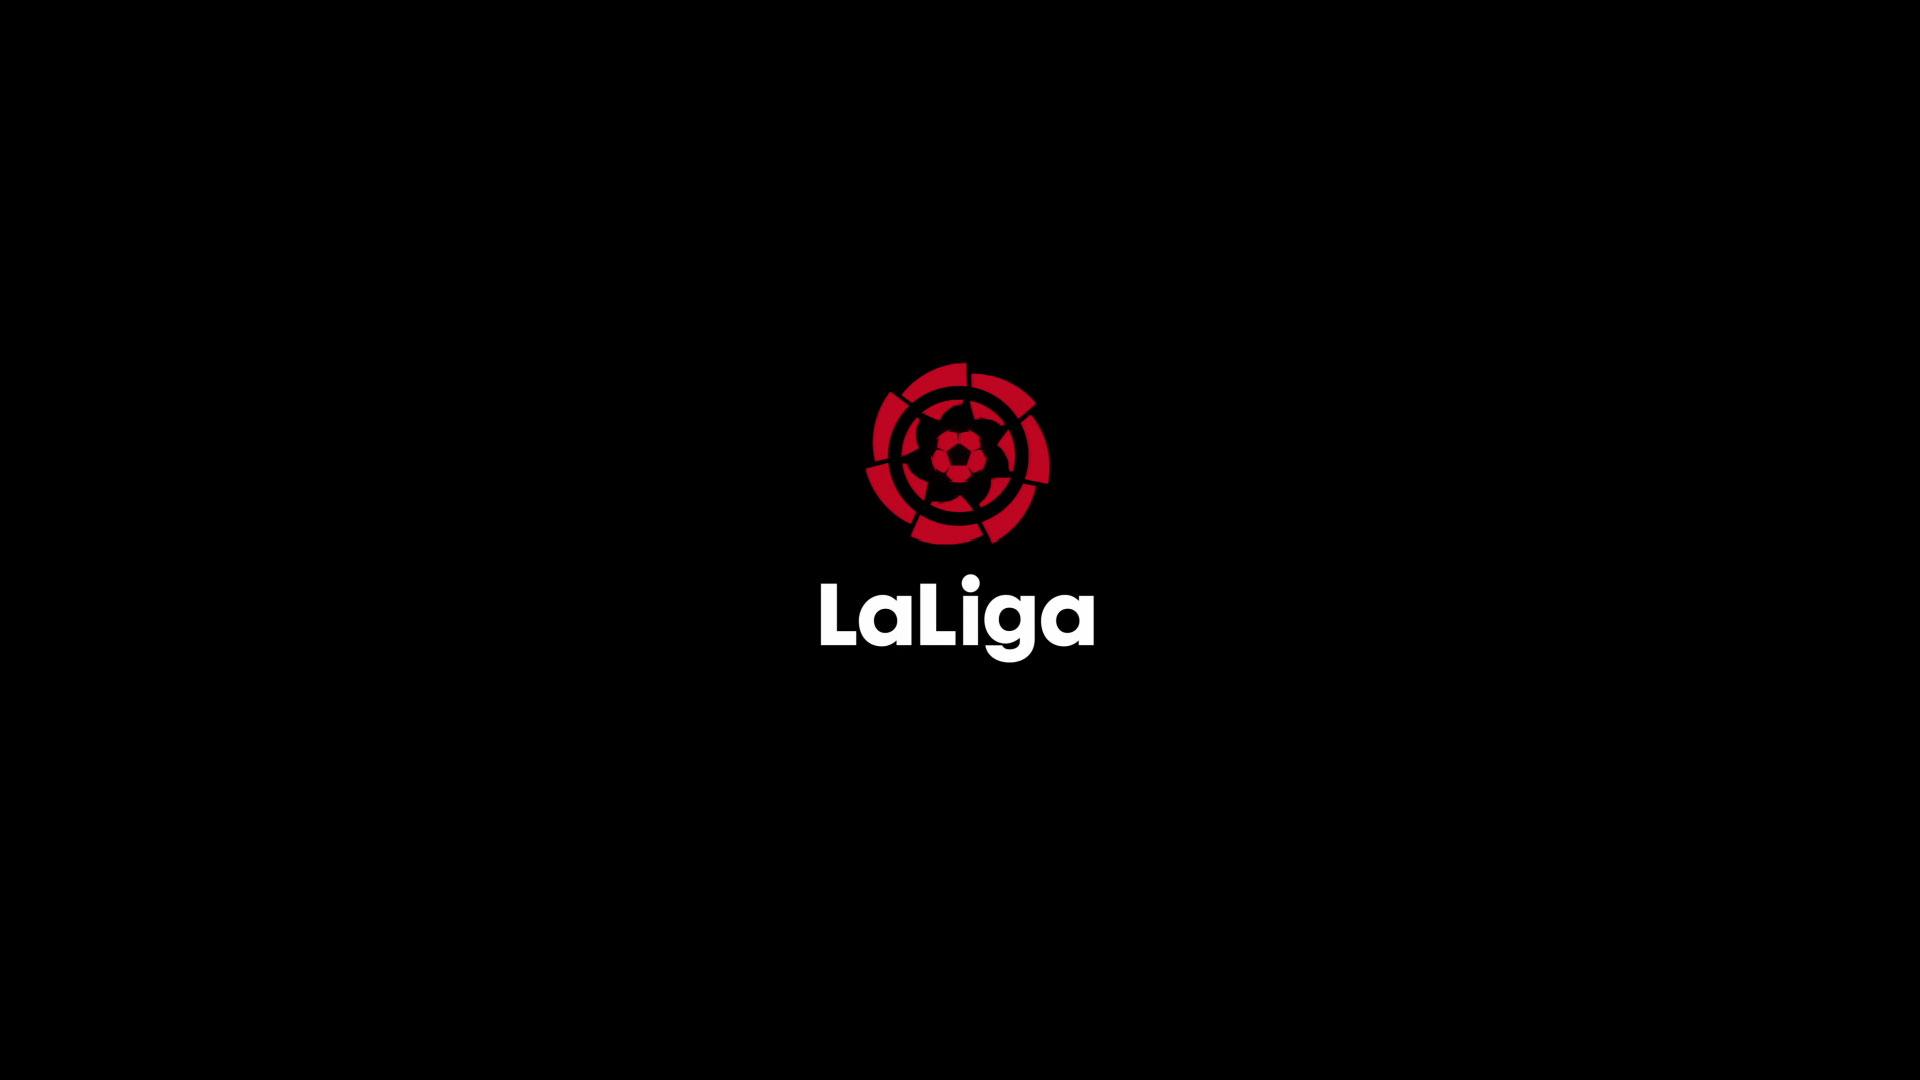 siaran tv yang menyiarkan liga spanyol